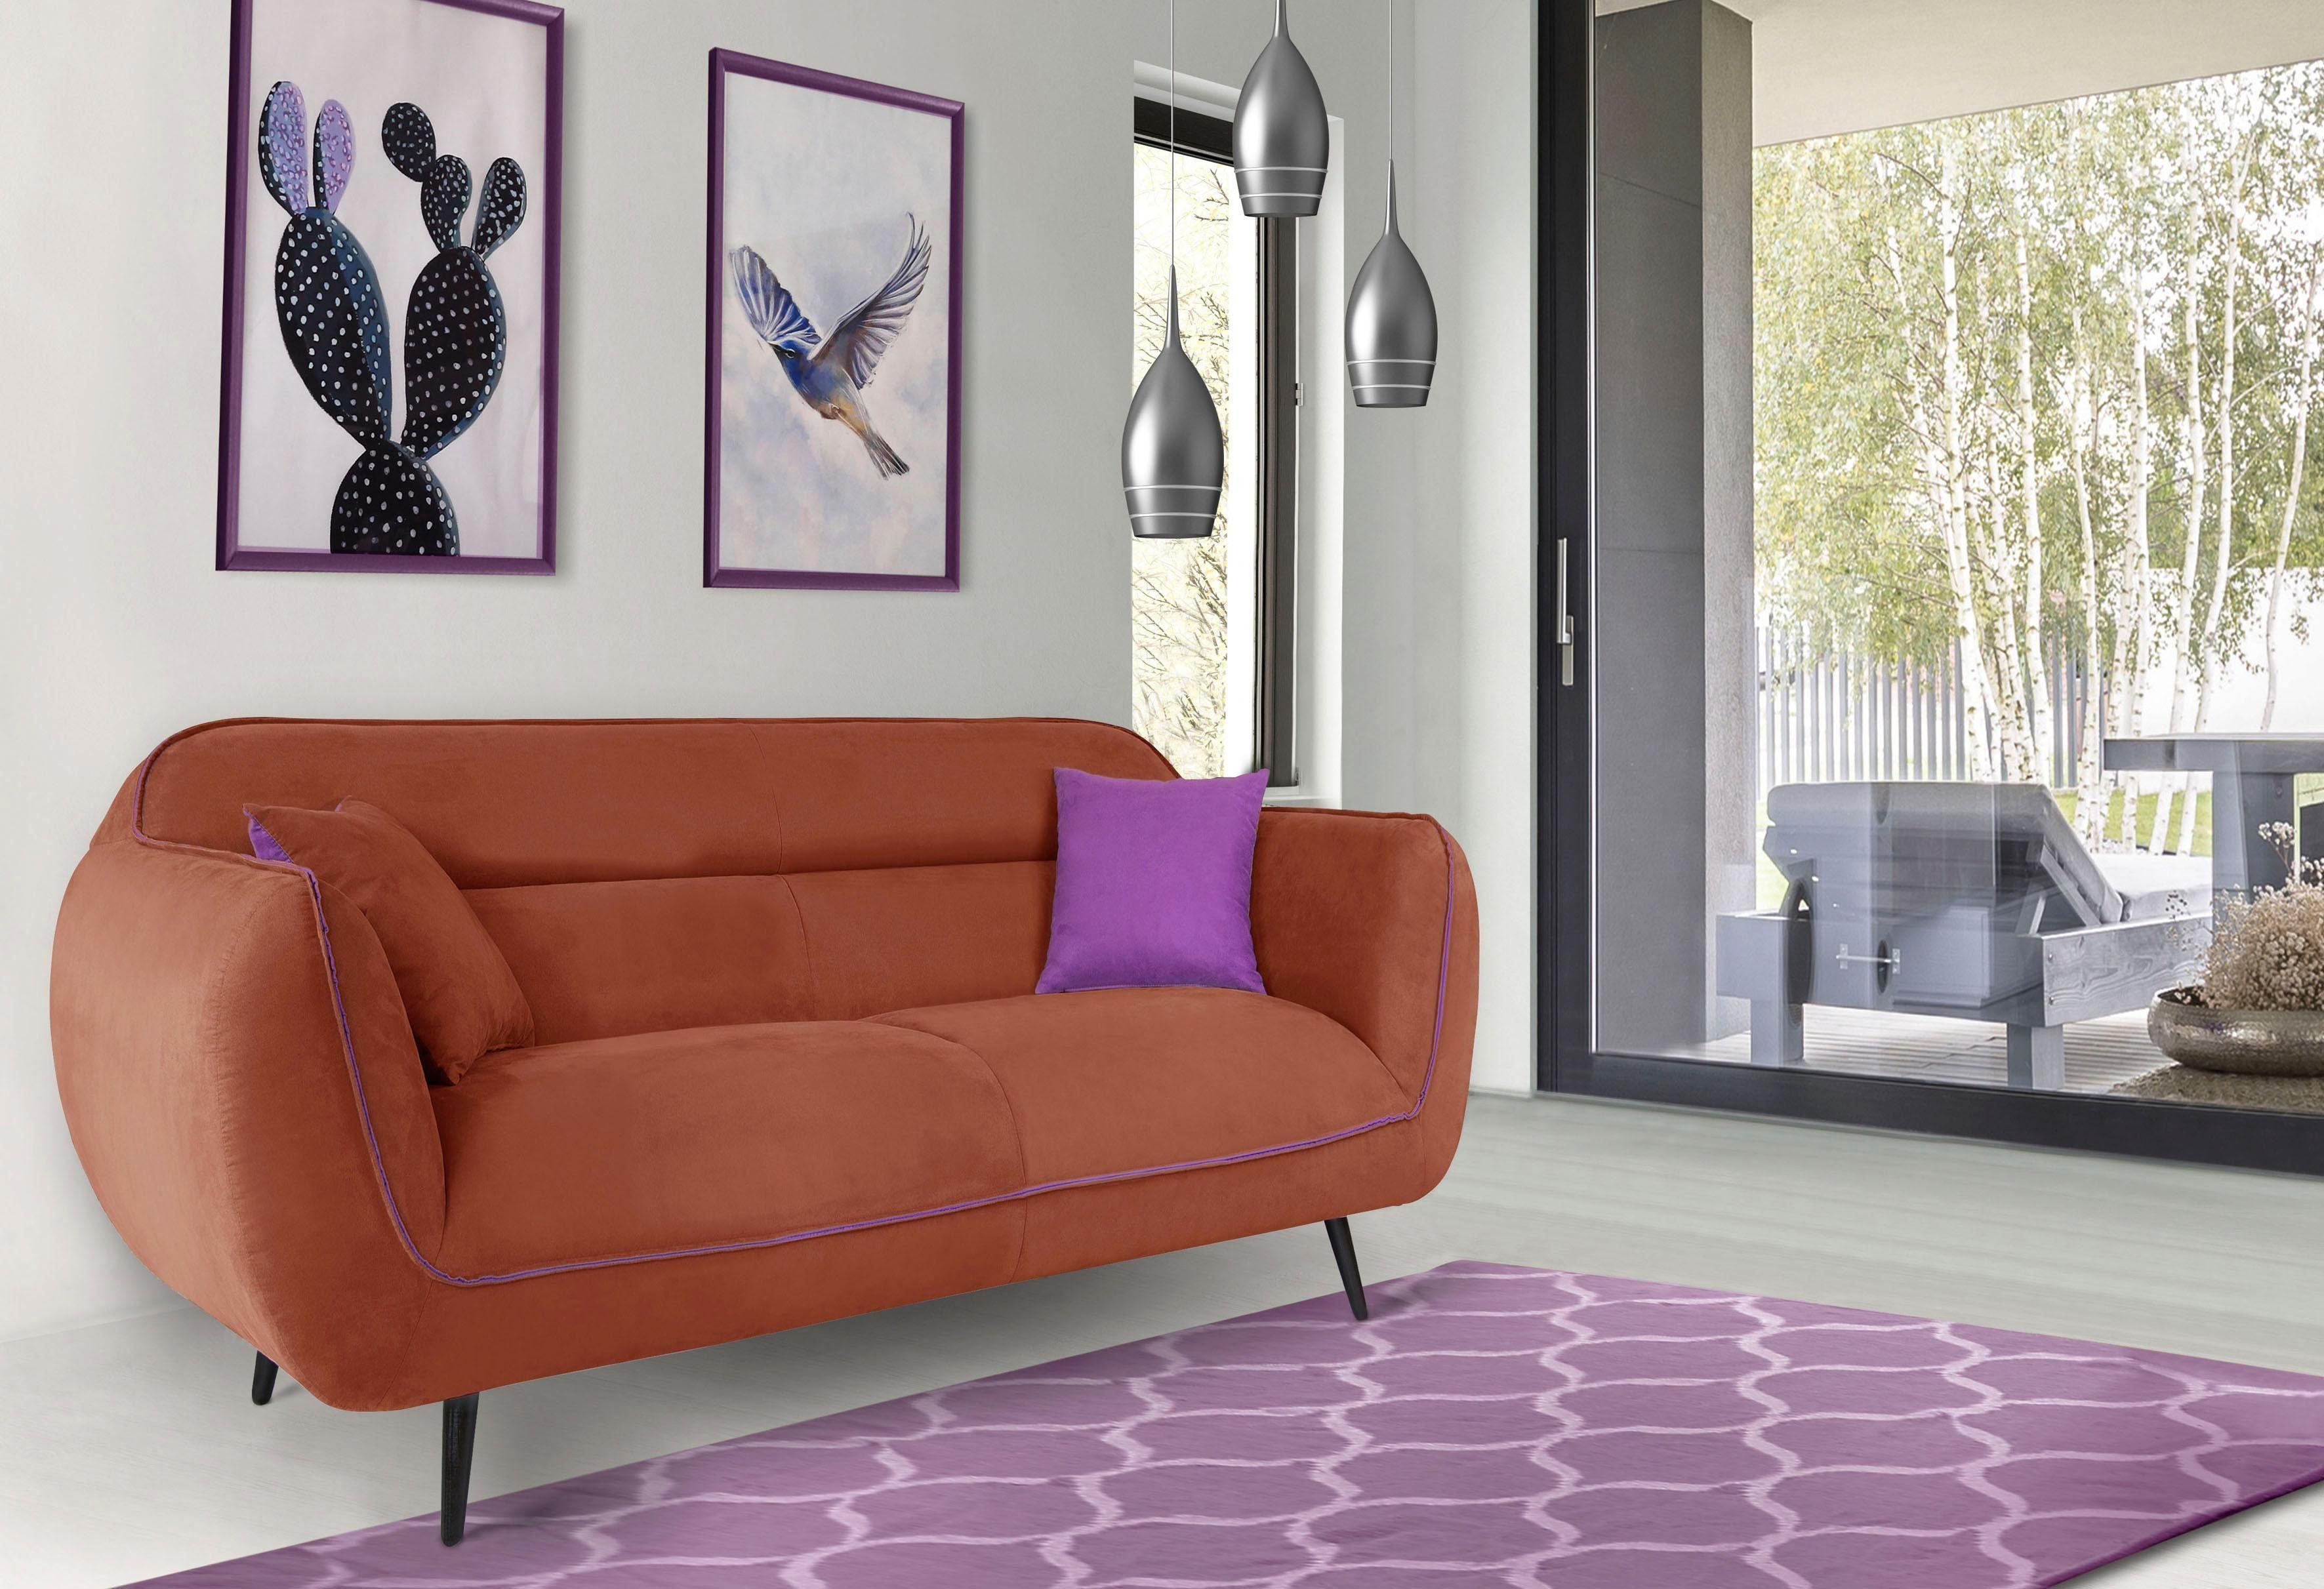 INOSIGN 2 Sitzer »Toscania«, Keder mit abgesetzter Farbe, modernes Design online kaufen | OTTO